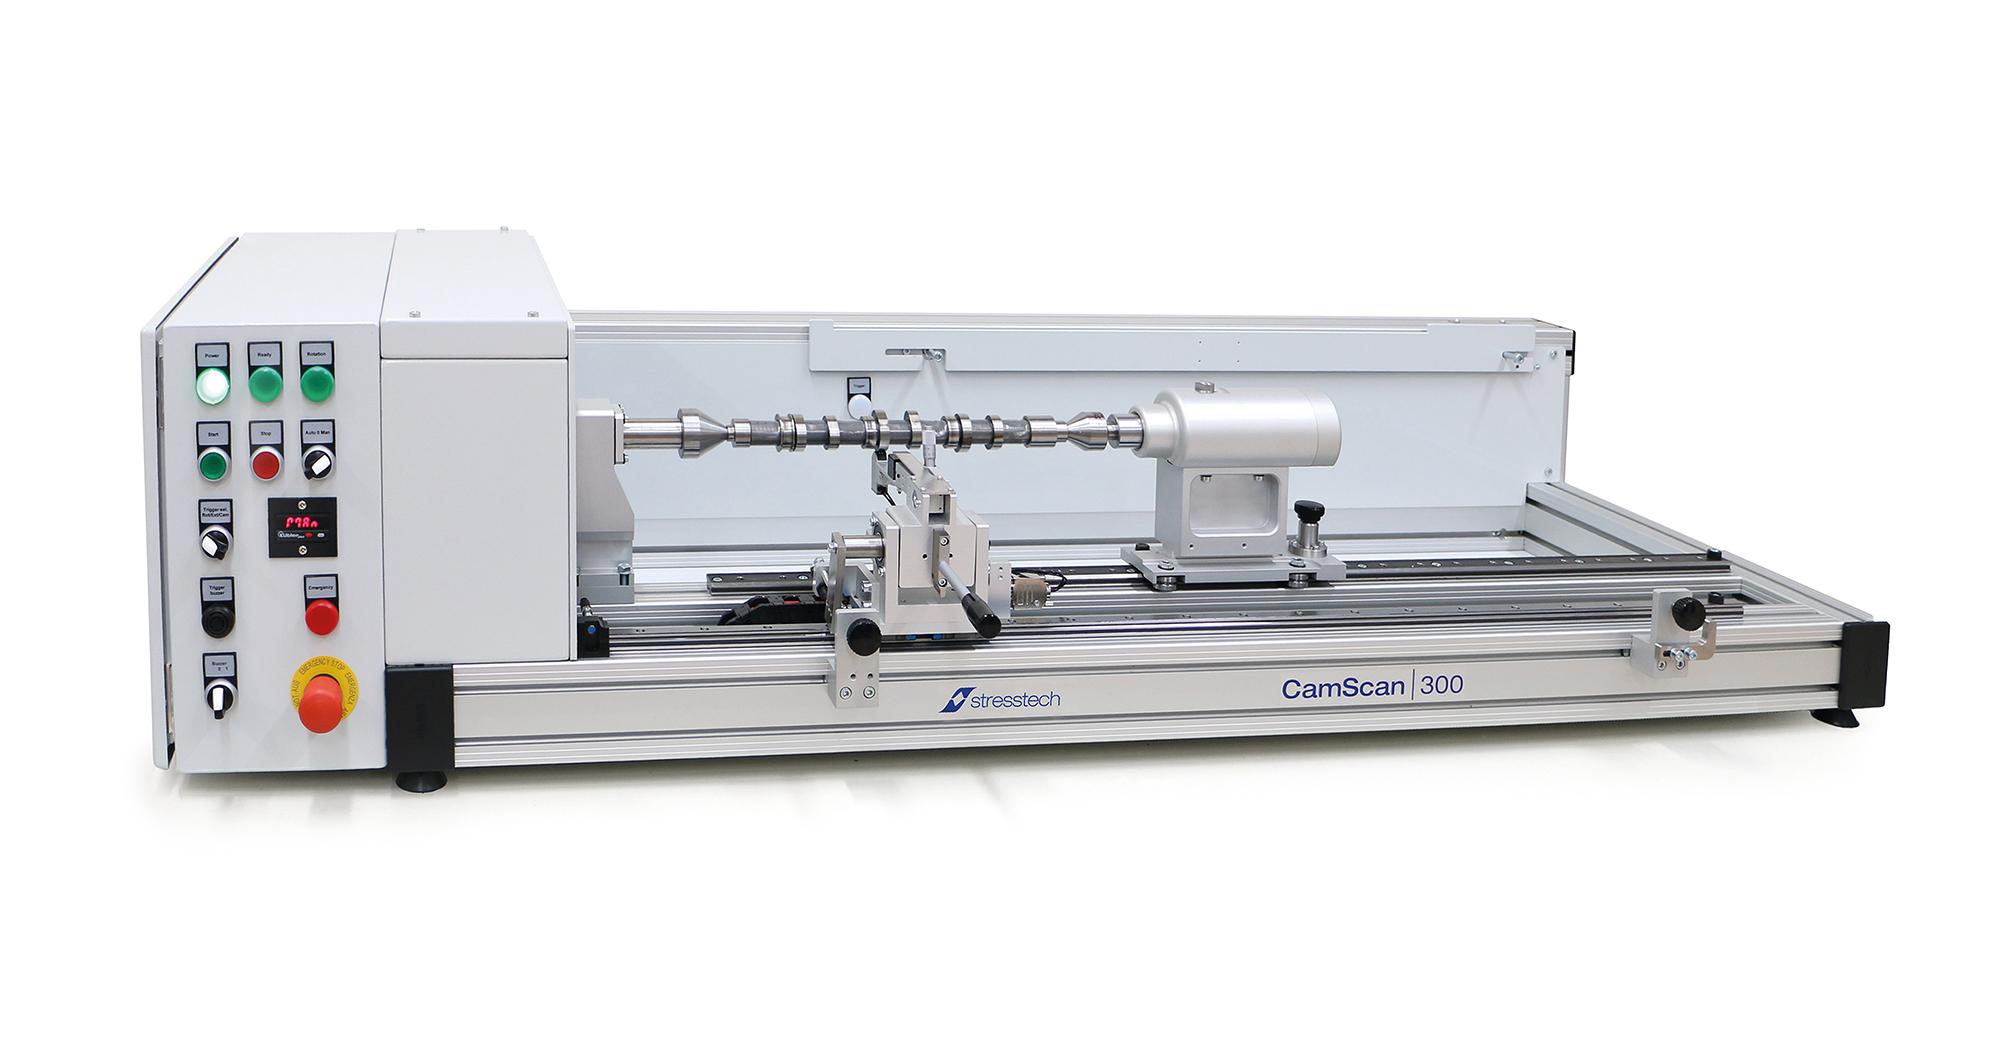 CamScan 300